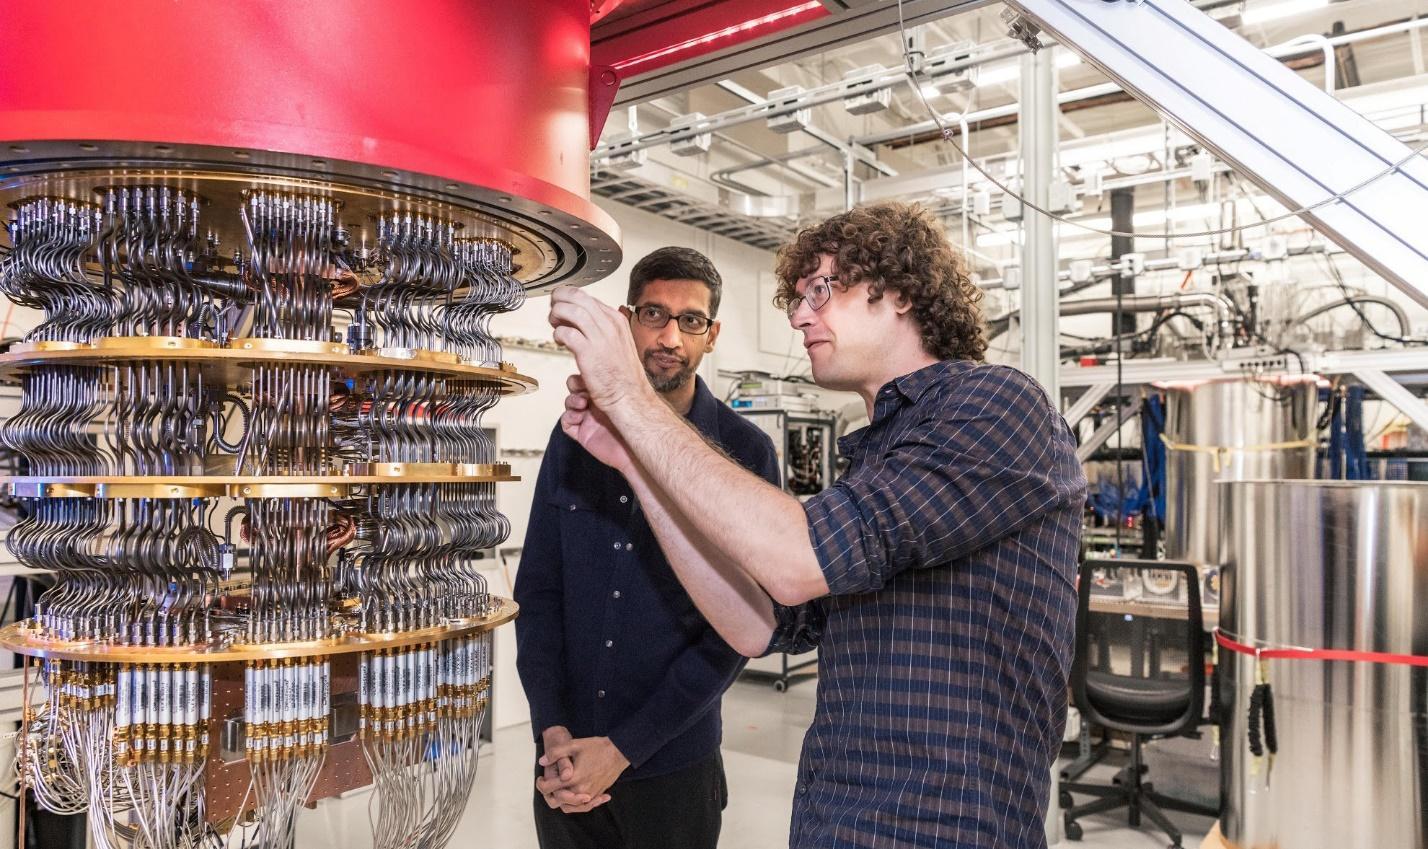 https://media1.s-nbcnews.com/i/newscms/2019_43/3066016/191023-sundar-pichai-quantum-computer-ew-214p_773c531742bc8e5dc501d51024063b00.jpg